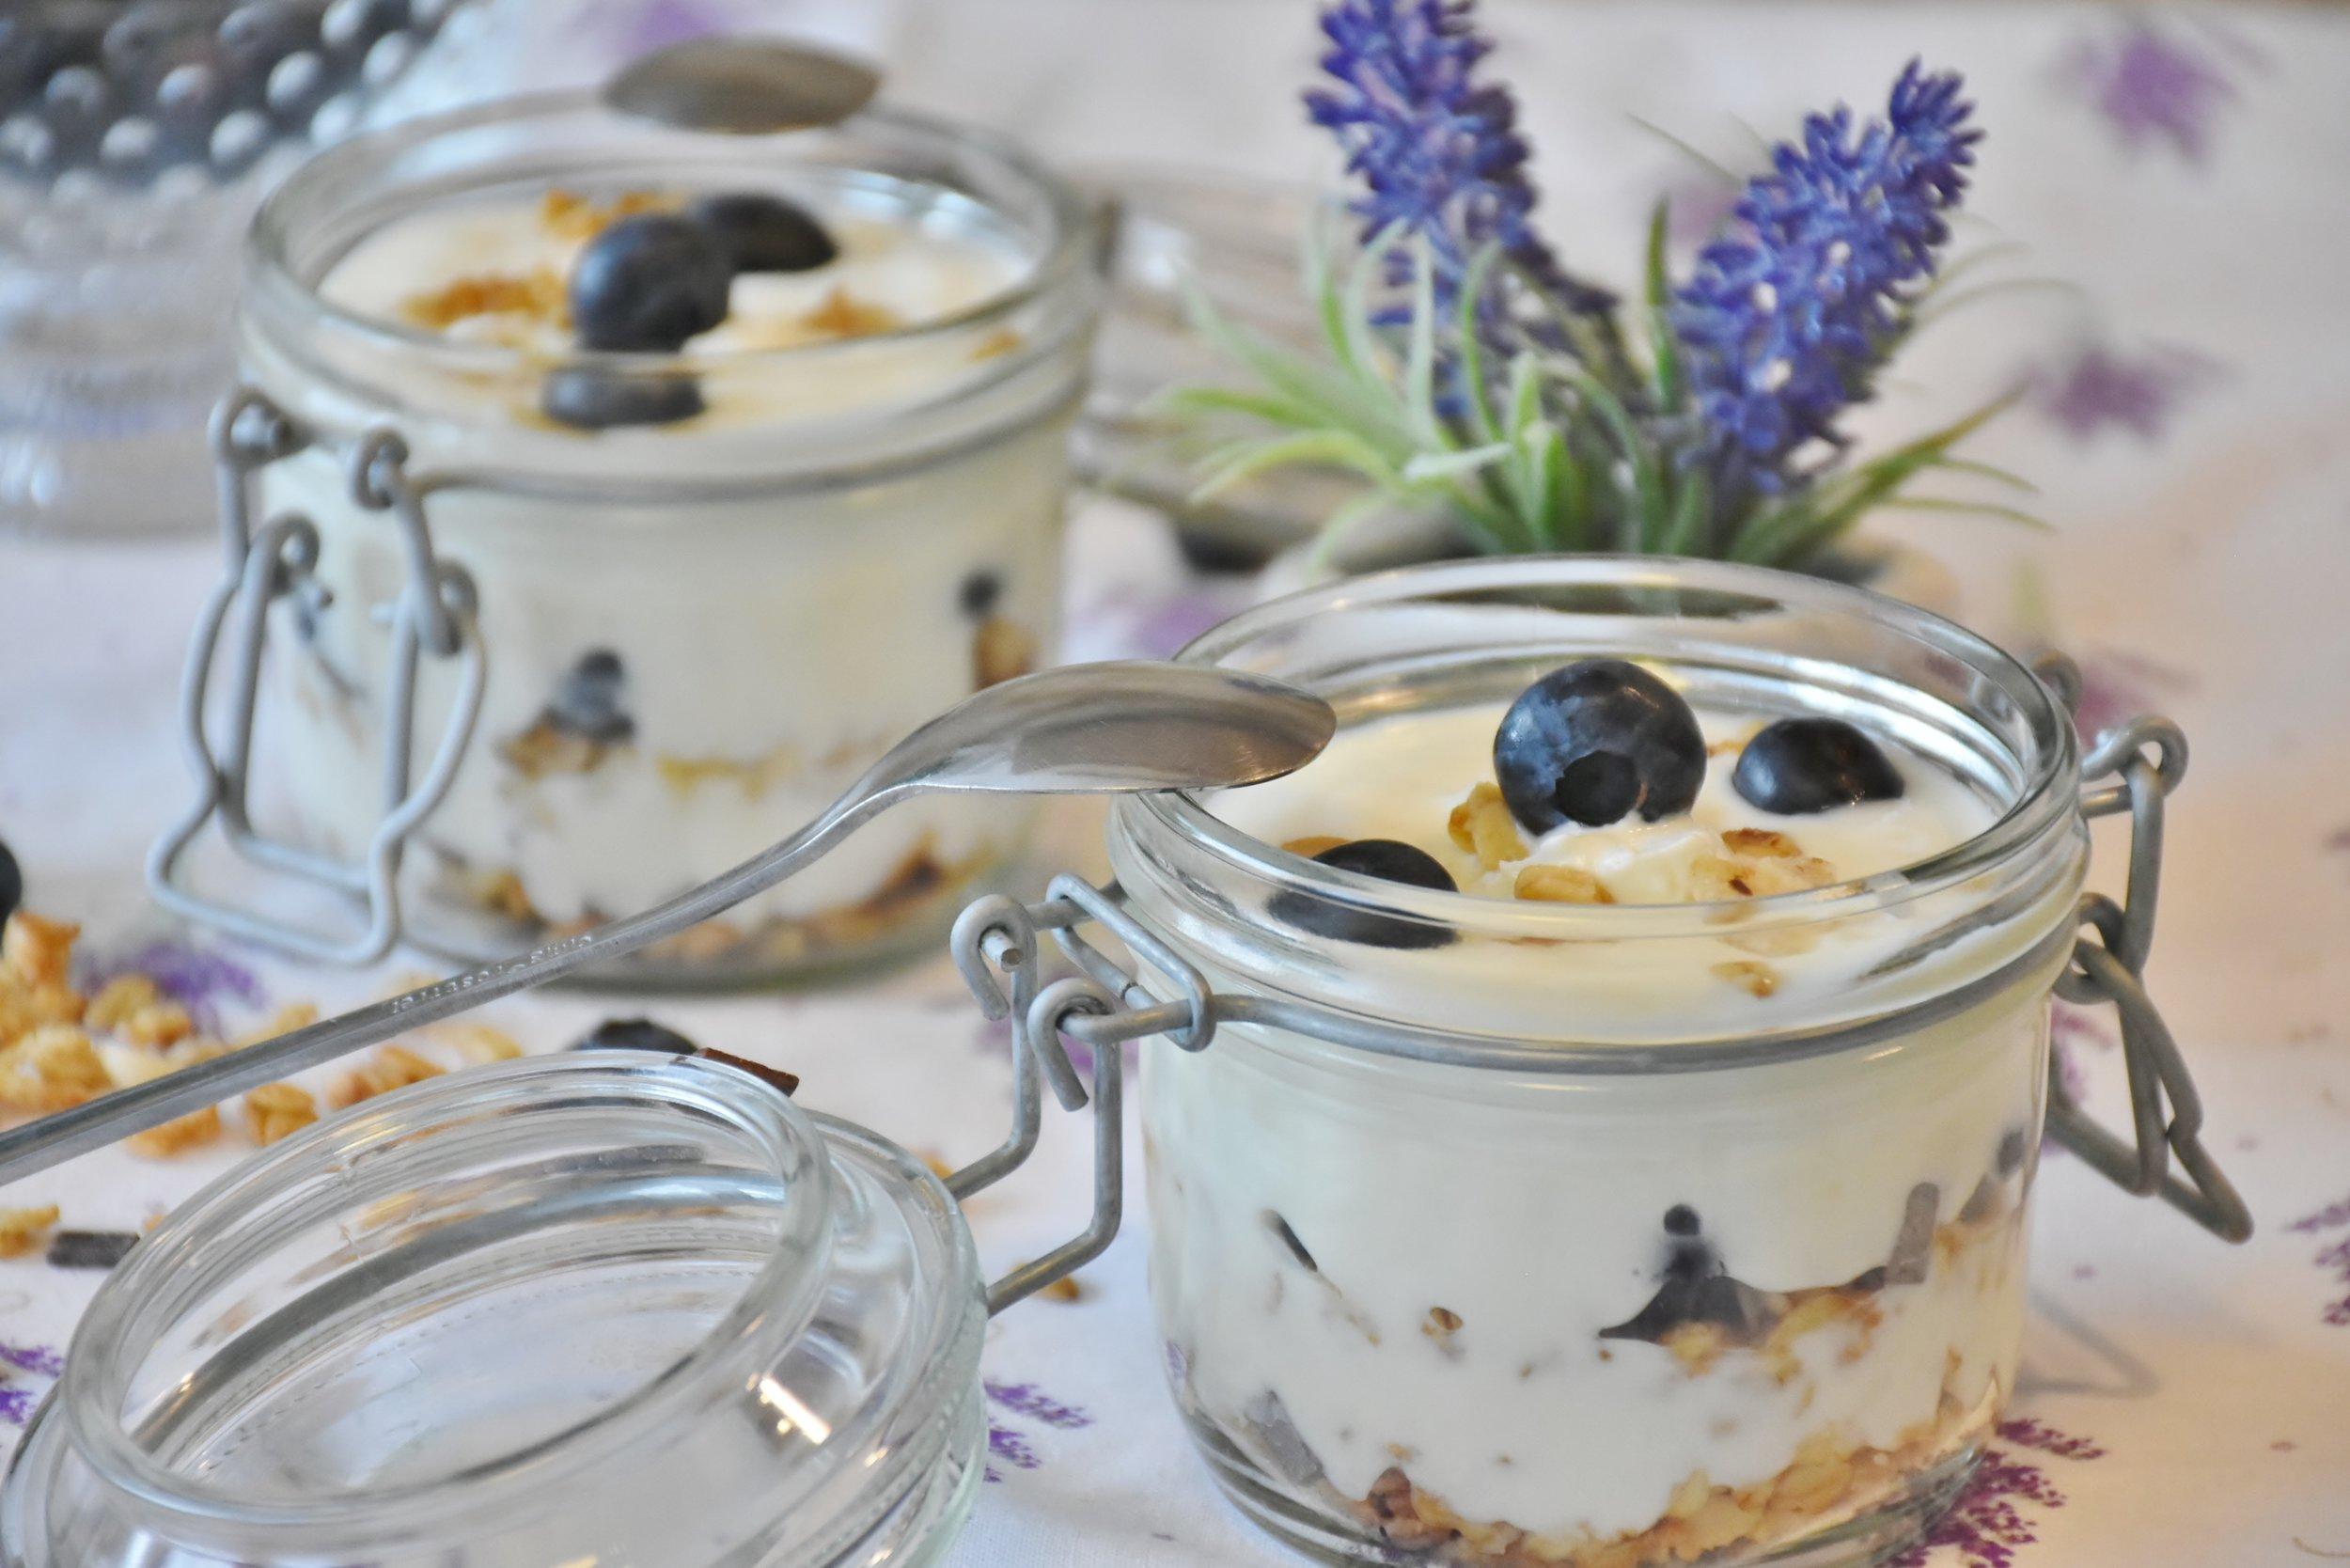 8.Un yaourt -A yoghurt -